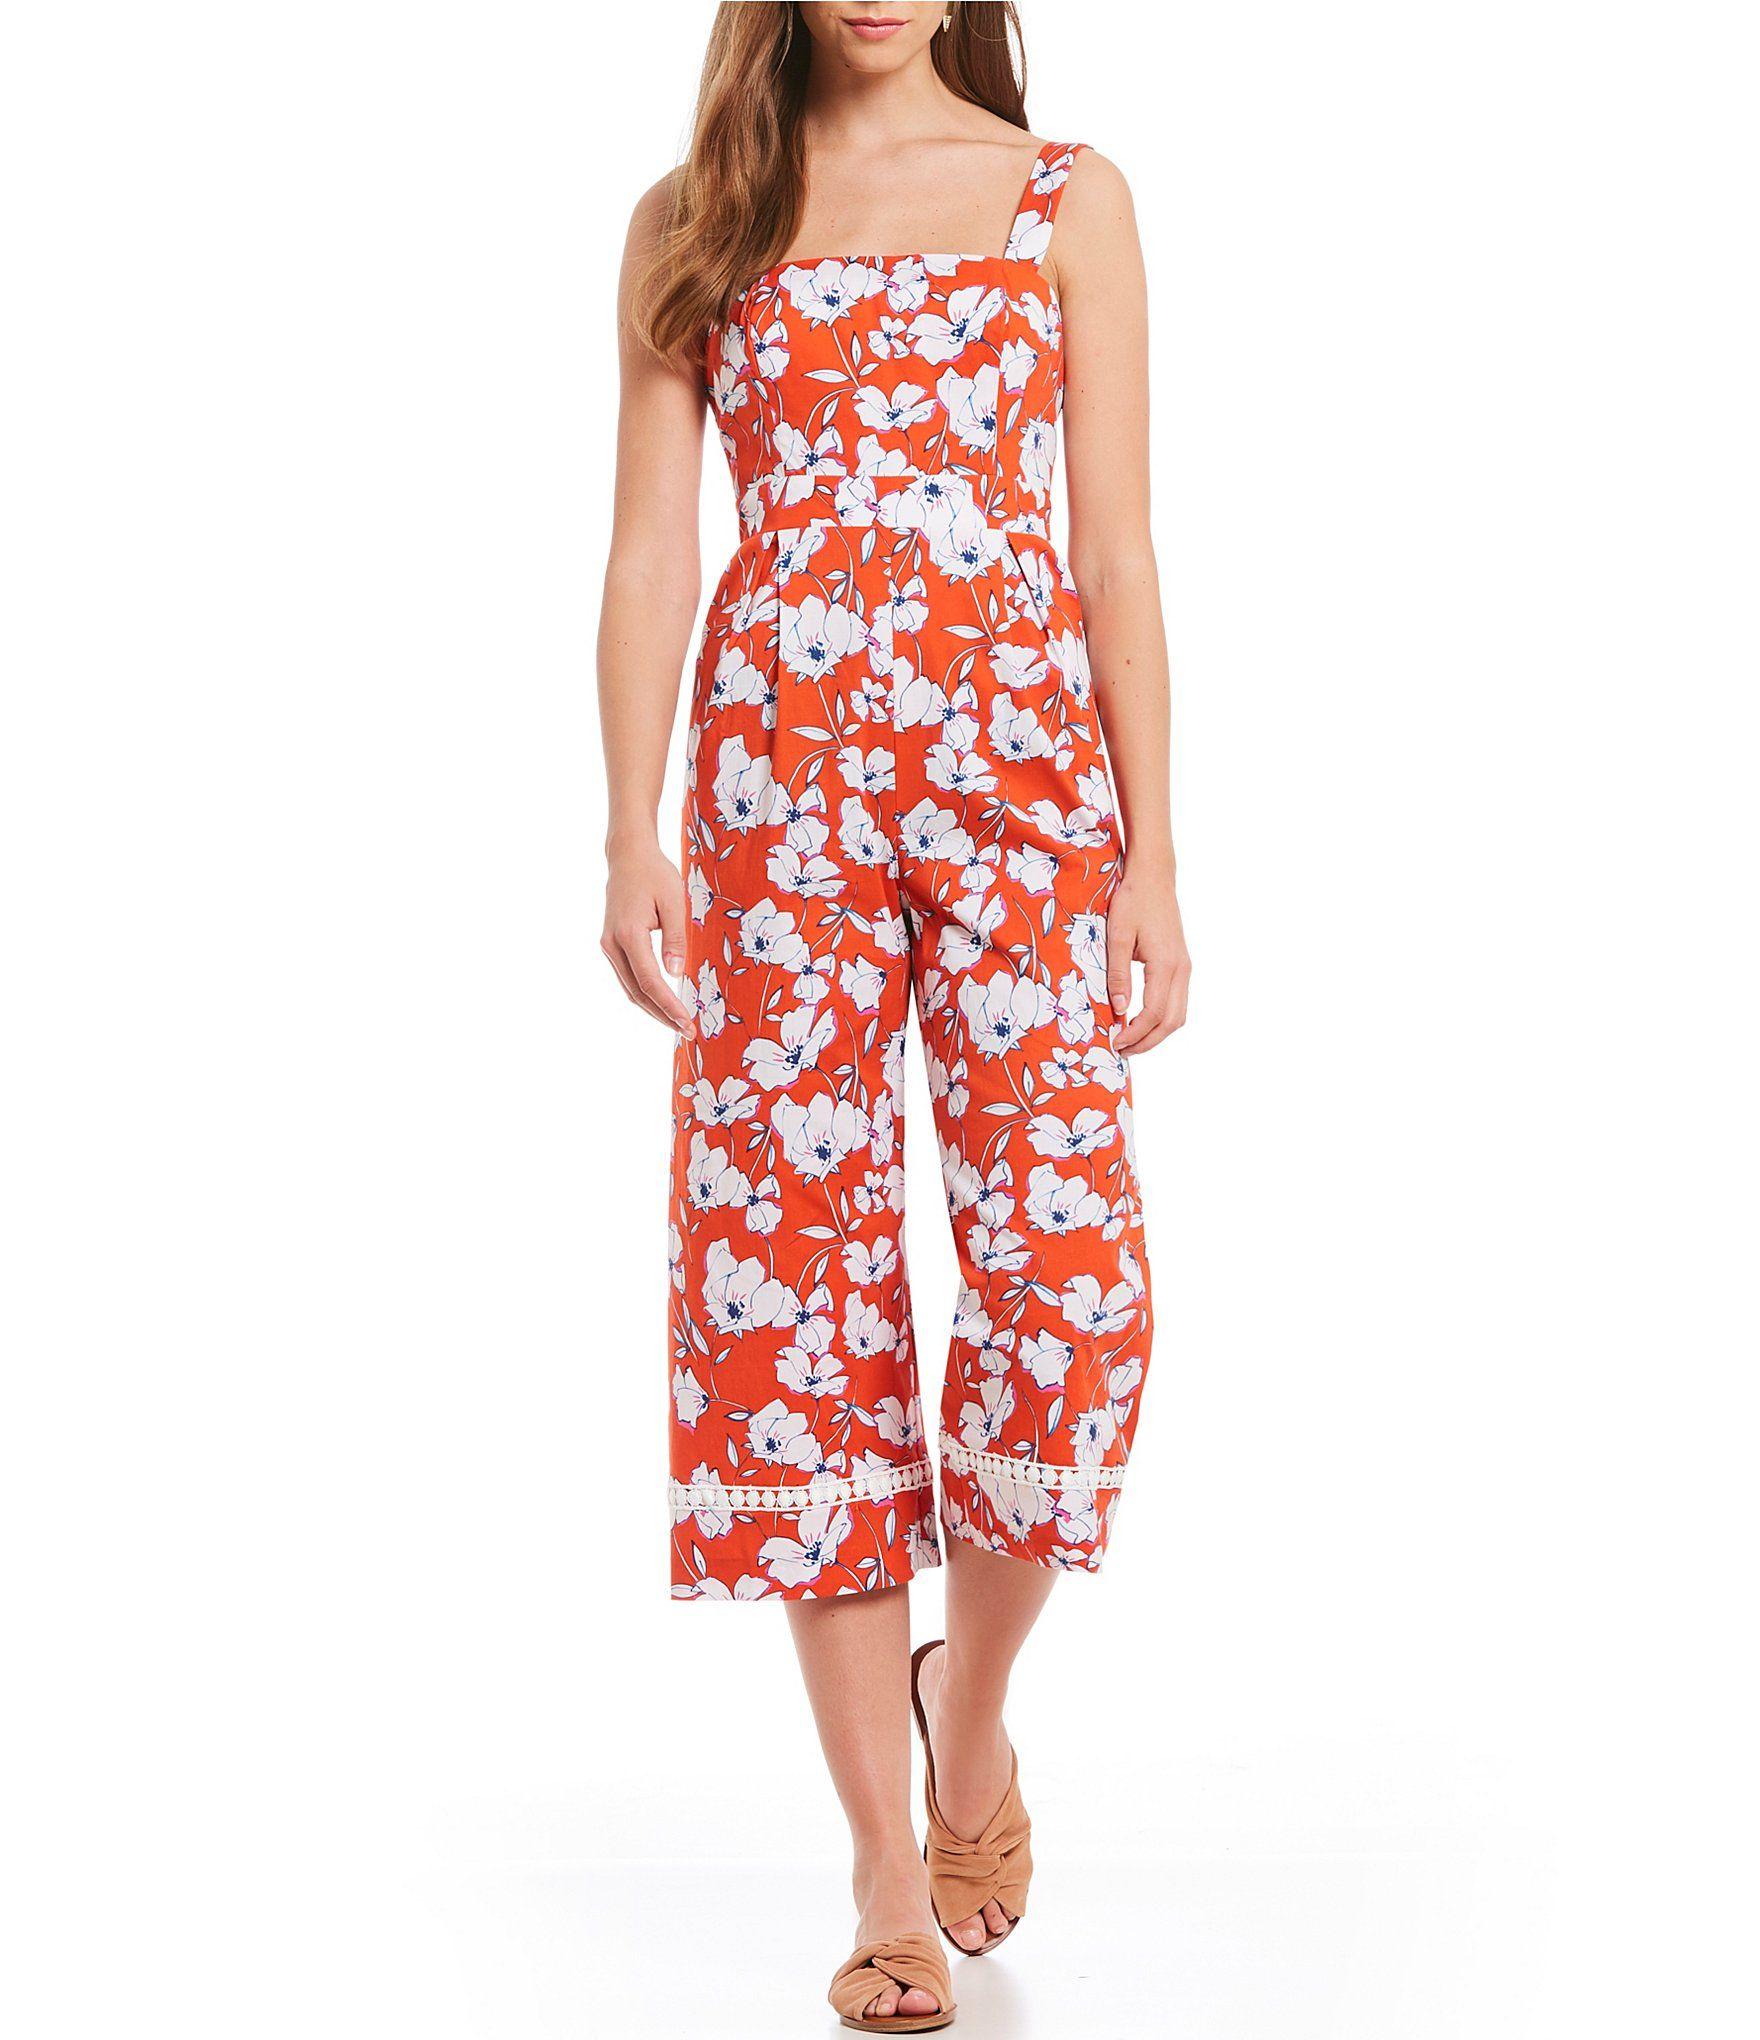 998136ce998 Eliza J Floral Print Culotte Jumpsuit  Dillards